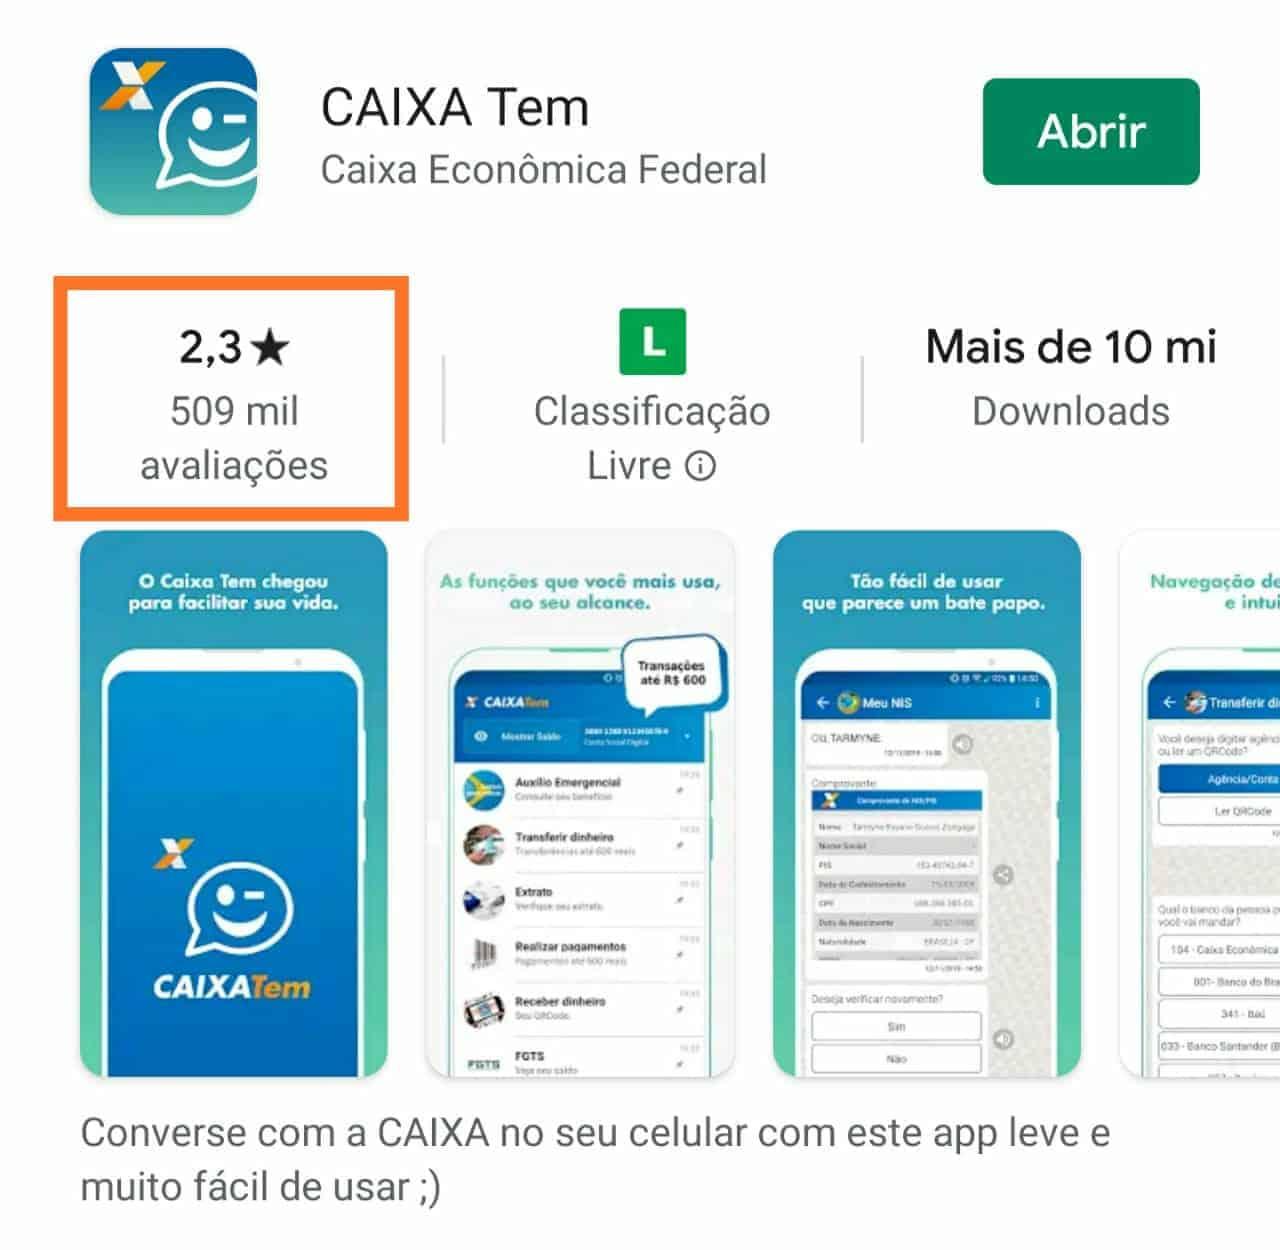 Print sobre a avaliação do app Caixa Tem